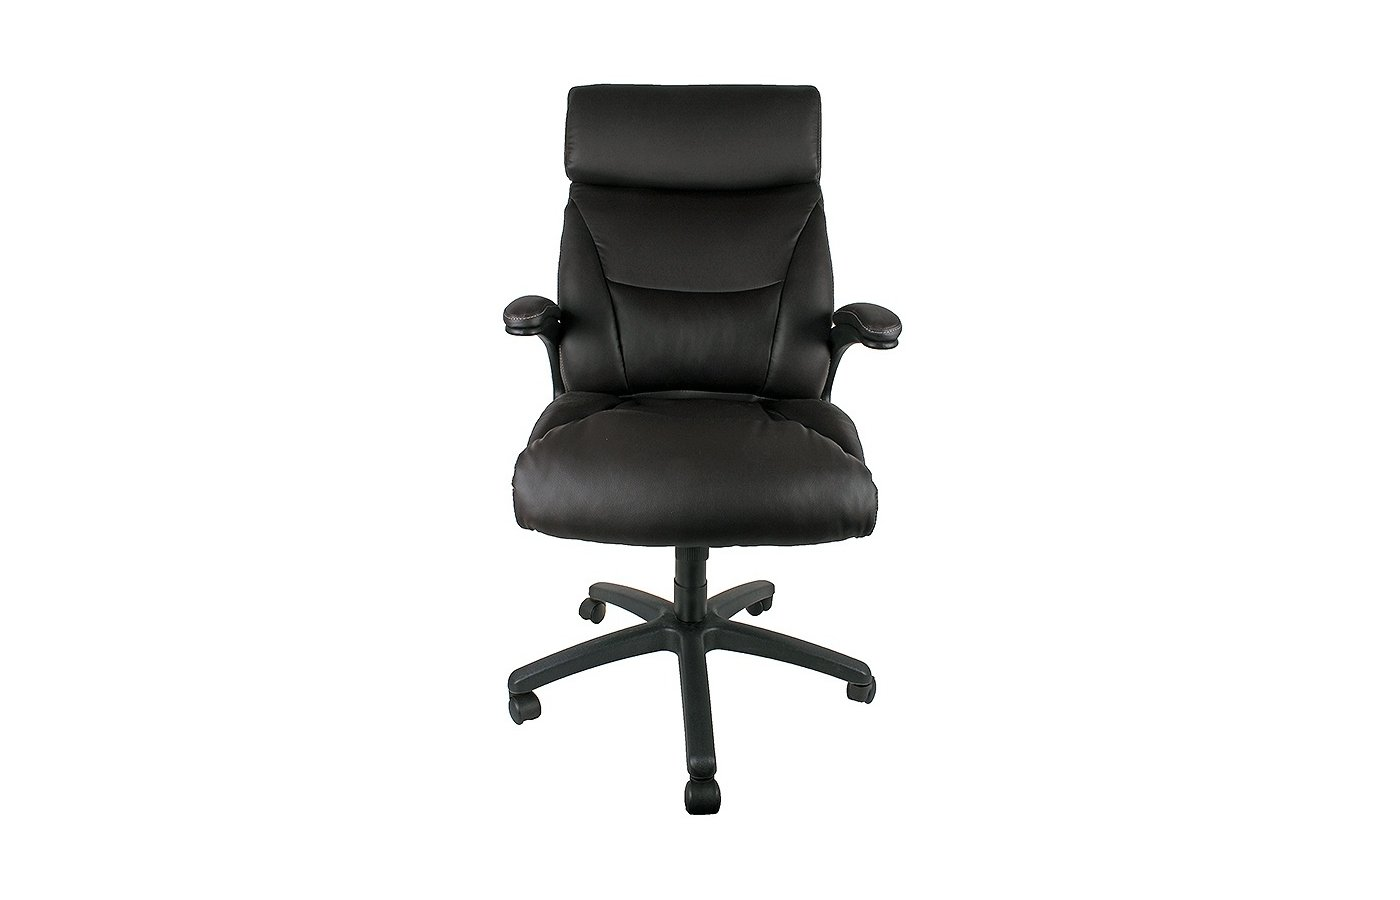 College Кресло офисное HLC-0383-1, коричневый, экокожа, 120 кг, подлокотники черный пластик/кожа, кр